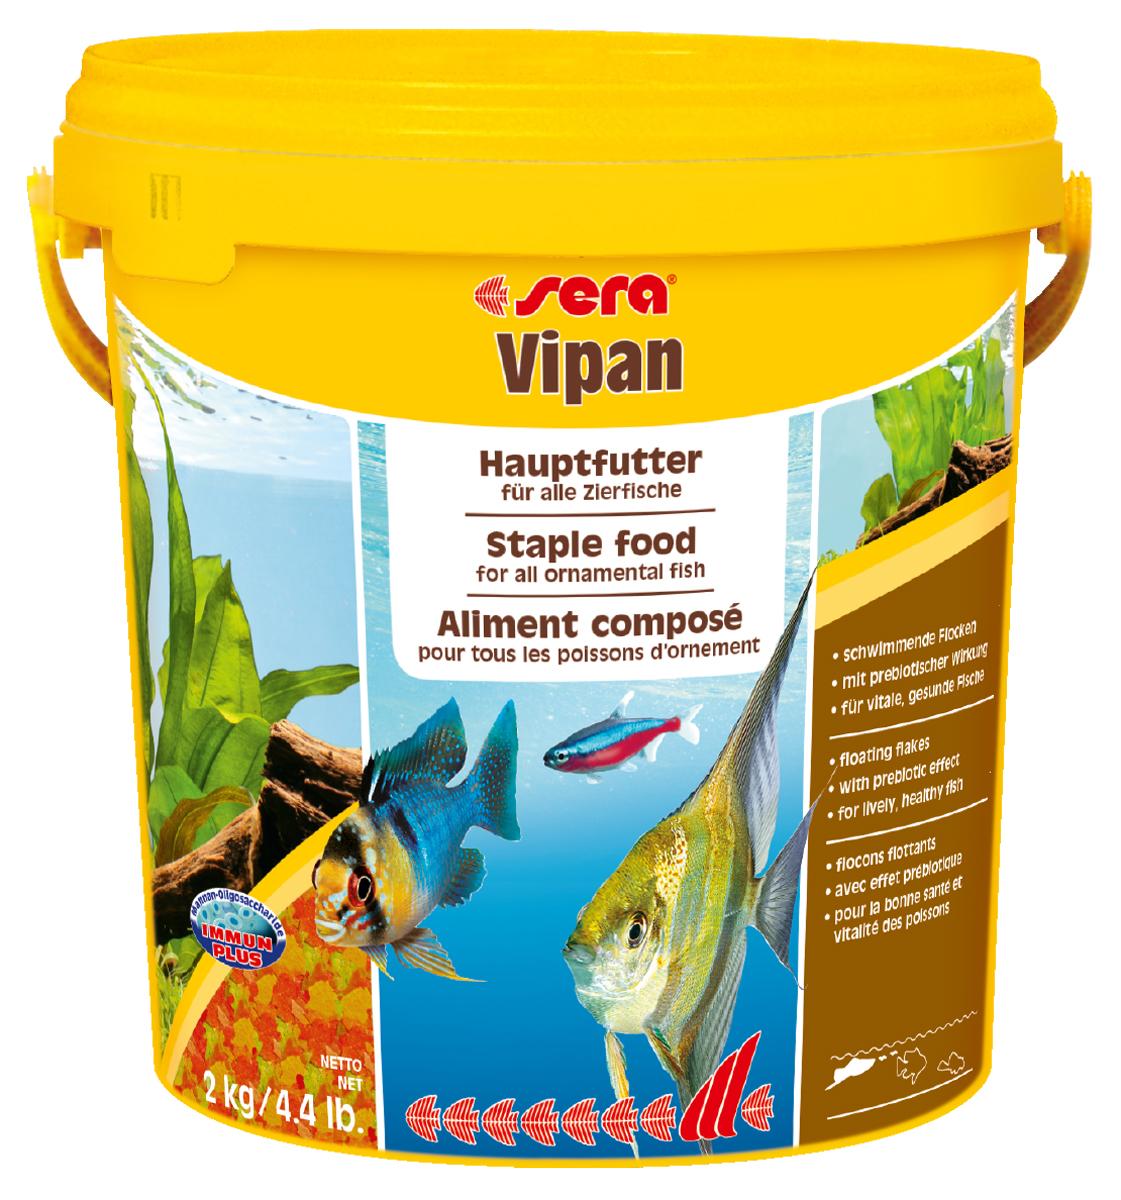 Корм для рыб Sera Vipan, 10 л (2 кг)0190Основной хлопьевидный корм для декоративных рыб в аквариумах со смешанным сообществом. Сбалансированный состав удовлетворяет потребности множества видов. Бережная обработка гарантирует сохранение ценных ингредиентов (например, жирных кислот Омега, витаминов и минералов). Метод его приготовления, применяемый фирмой sera, позволяет хлопьям сохранять свою форму в течение длительного времени, не загрязняя воду. Благодаря уникальной очень высокой степени измельчения, хлопья в тоже время очень нежны и поэтому охотно поедаются рыбой. Ингредиенты: рыбная мука, пшеничная мука, пивные дрожжи, казеинат кальция, гаммарус, яичный порошок, рыбий жир, маннан-олигосахарид (MOS 0,4%), спирулина, травы, люцерна, крапива, мука мука из зеленых губчатых молюсков, водоросли, зелень петрушки, перец, шпинат, чеснок, морковь. красители, разрешенные в ЕС. Кач. состав на кг: протеины 46,2%, жиры: 8,9%, клетчатка: 2,3%, зола: 11,9%, влажность: 6,7%, Вит А: 37000МЕ, Вит В1: 35мг, Вит В2: 90мг, Вит С: 550мг, Вит...